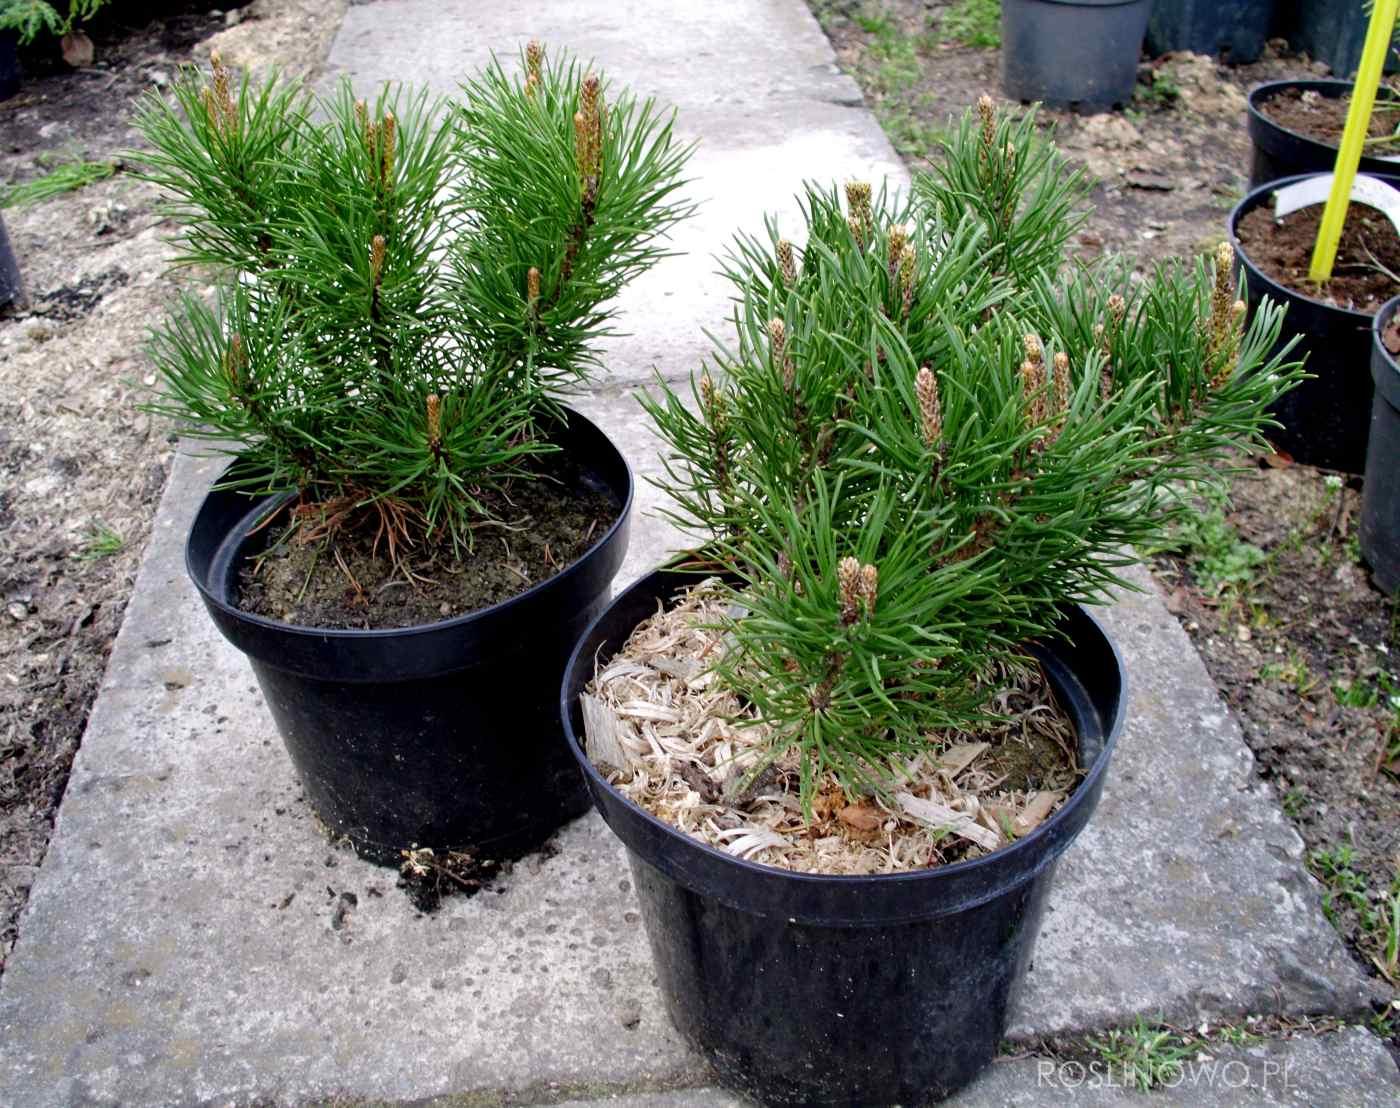 sosna górska - ozdobna roślina krzewiasta o gęstym igliwiu na stanowiska słoneczne